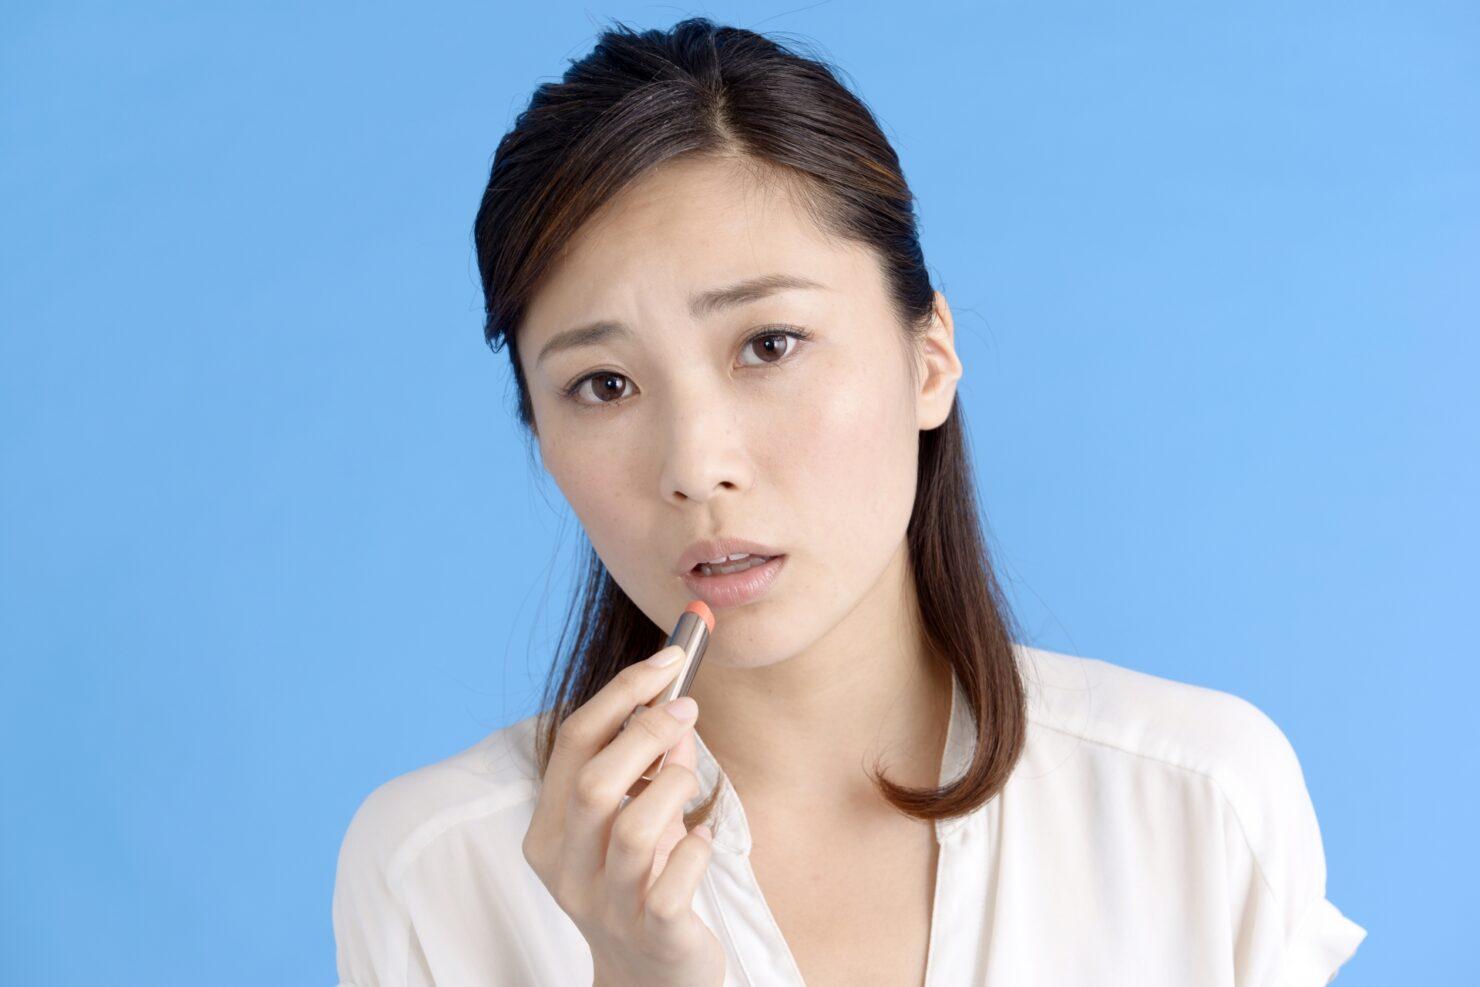 唇荒れの予防・対策にはパックが効果的!